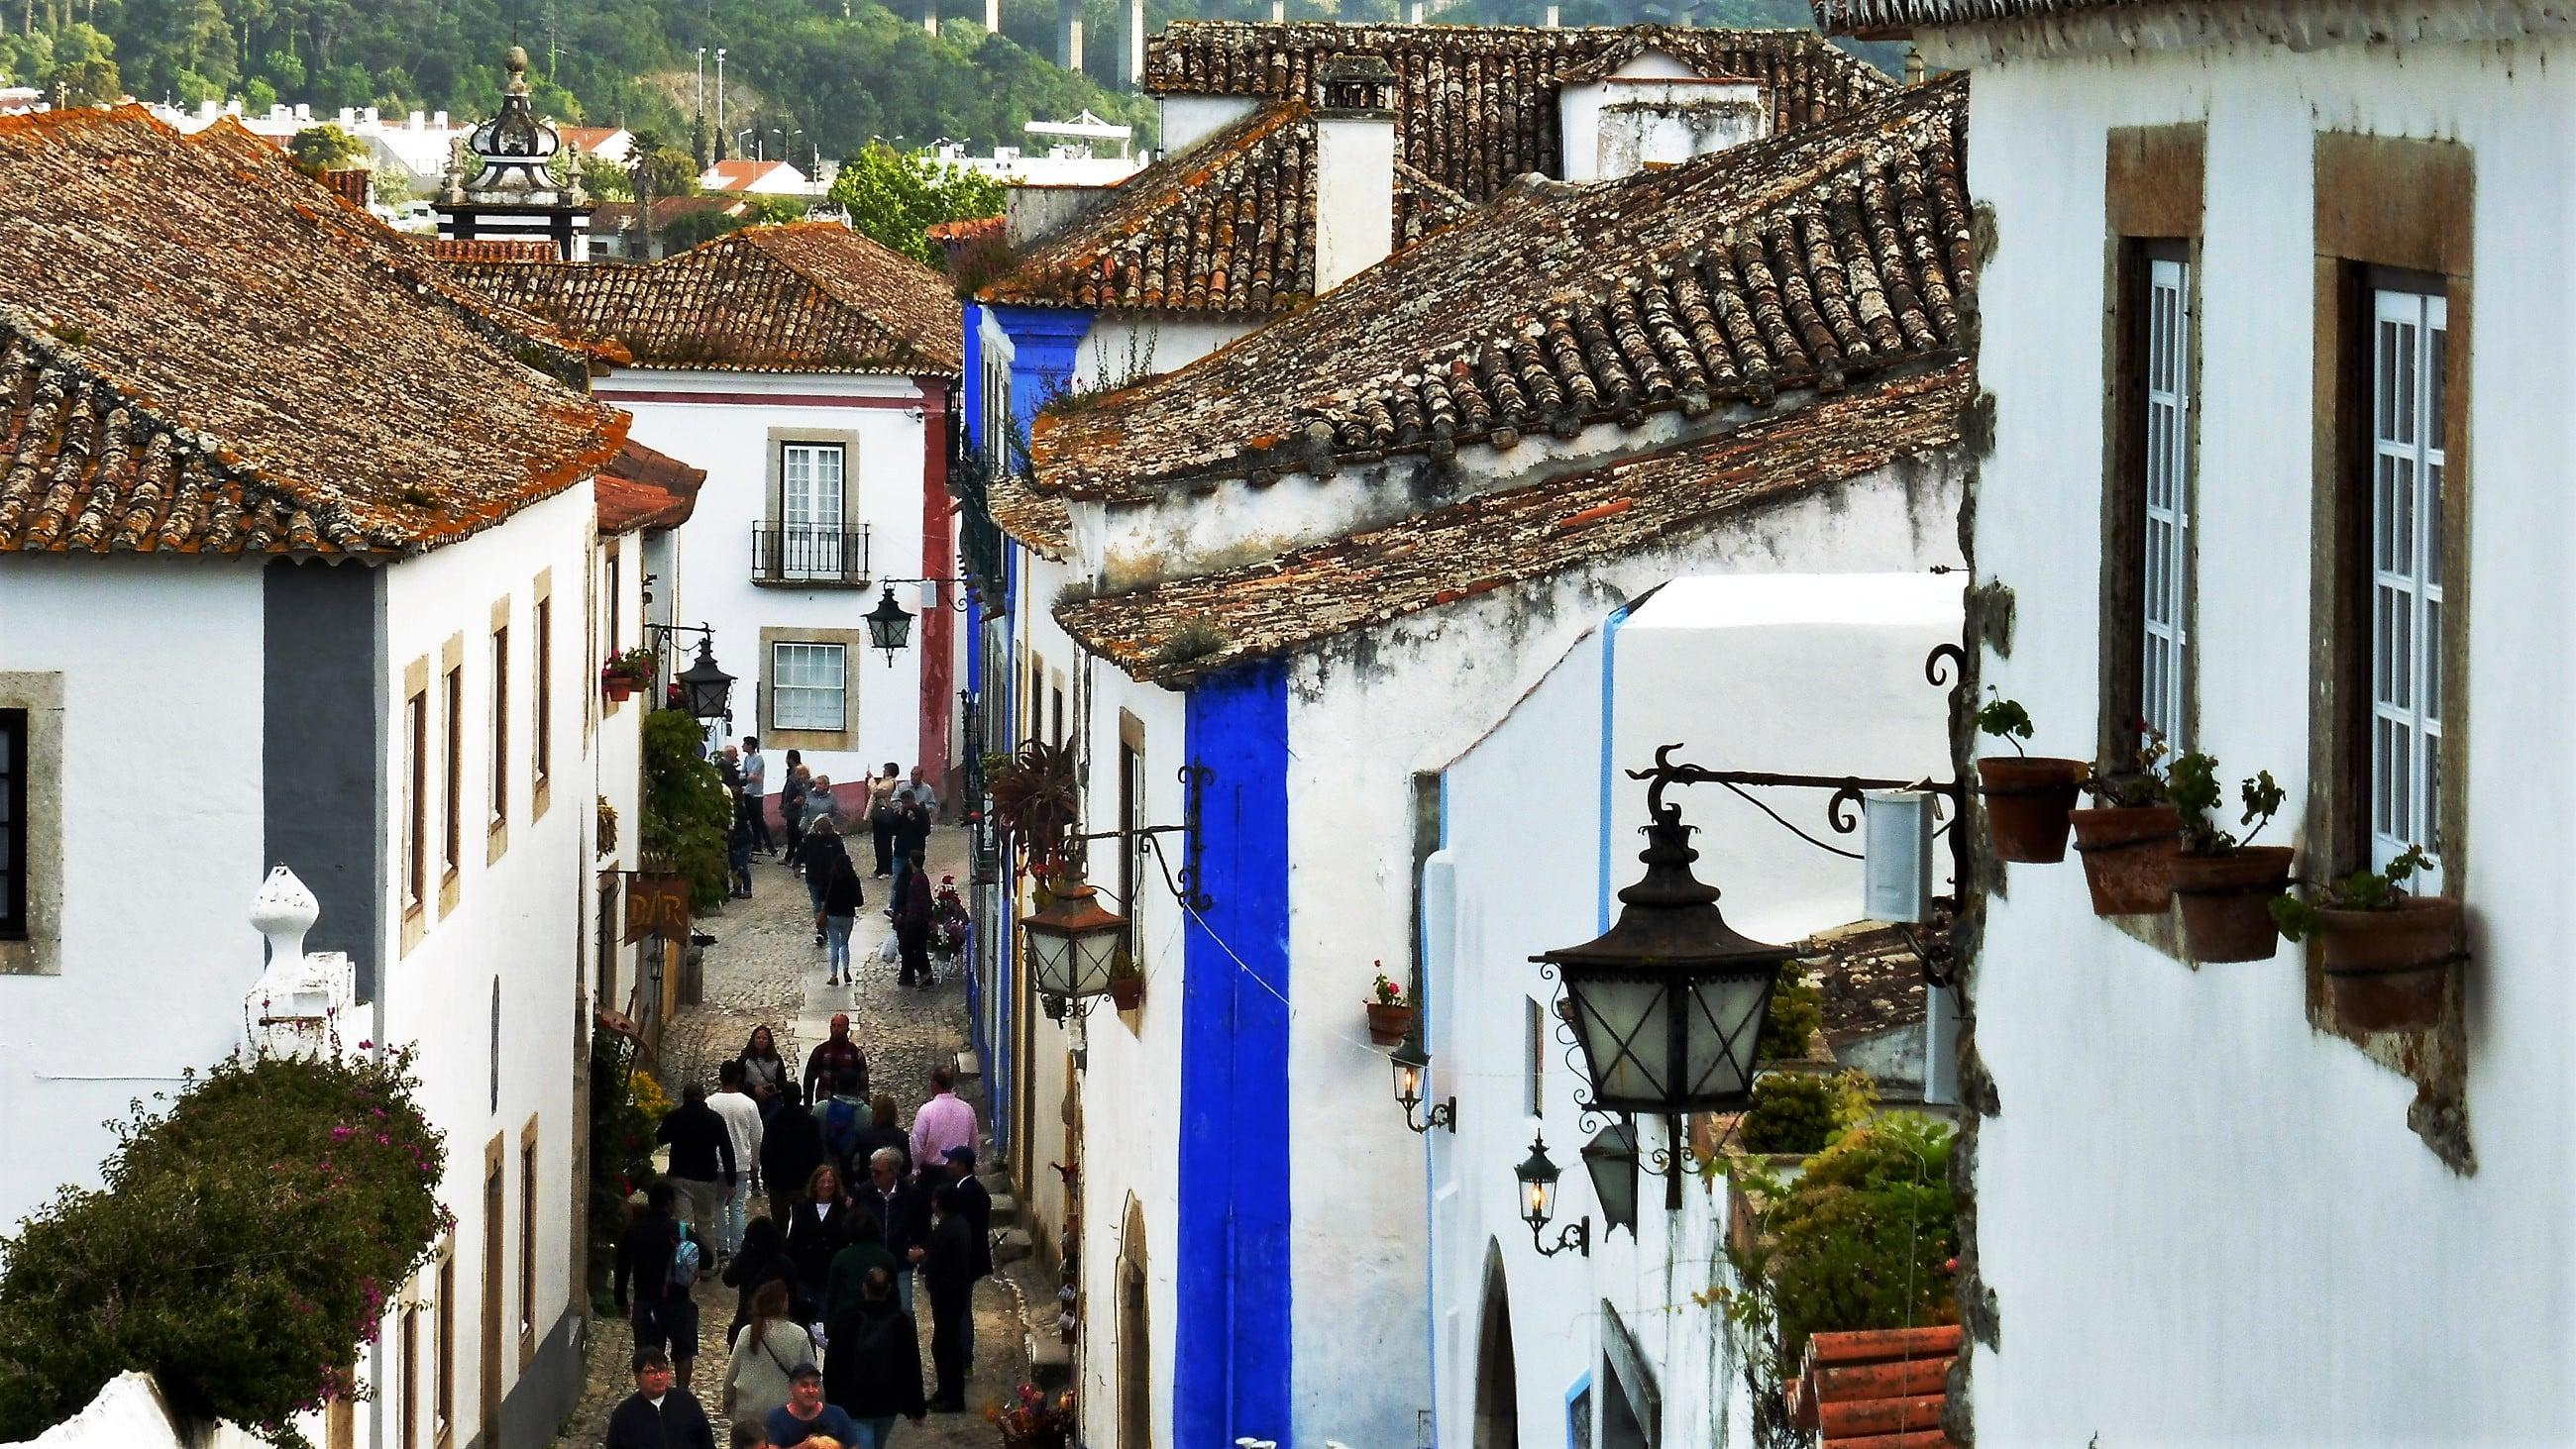 Panela de pressão #3 : Lugares de Portugal